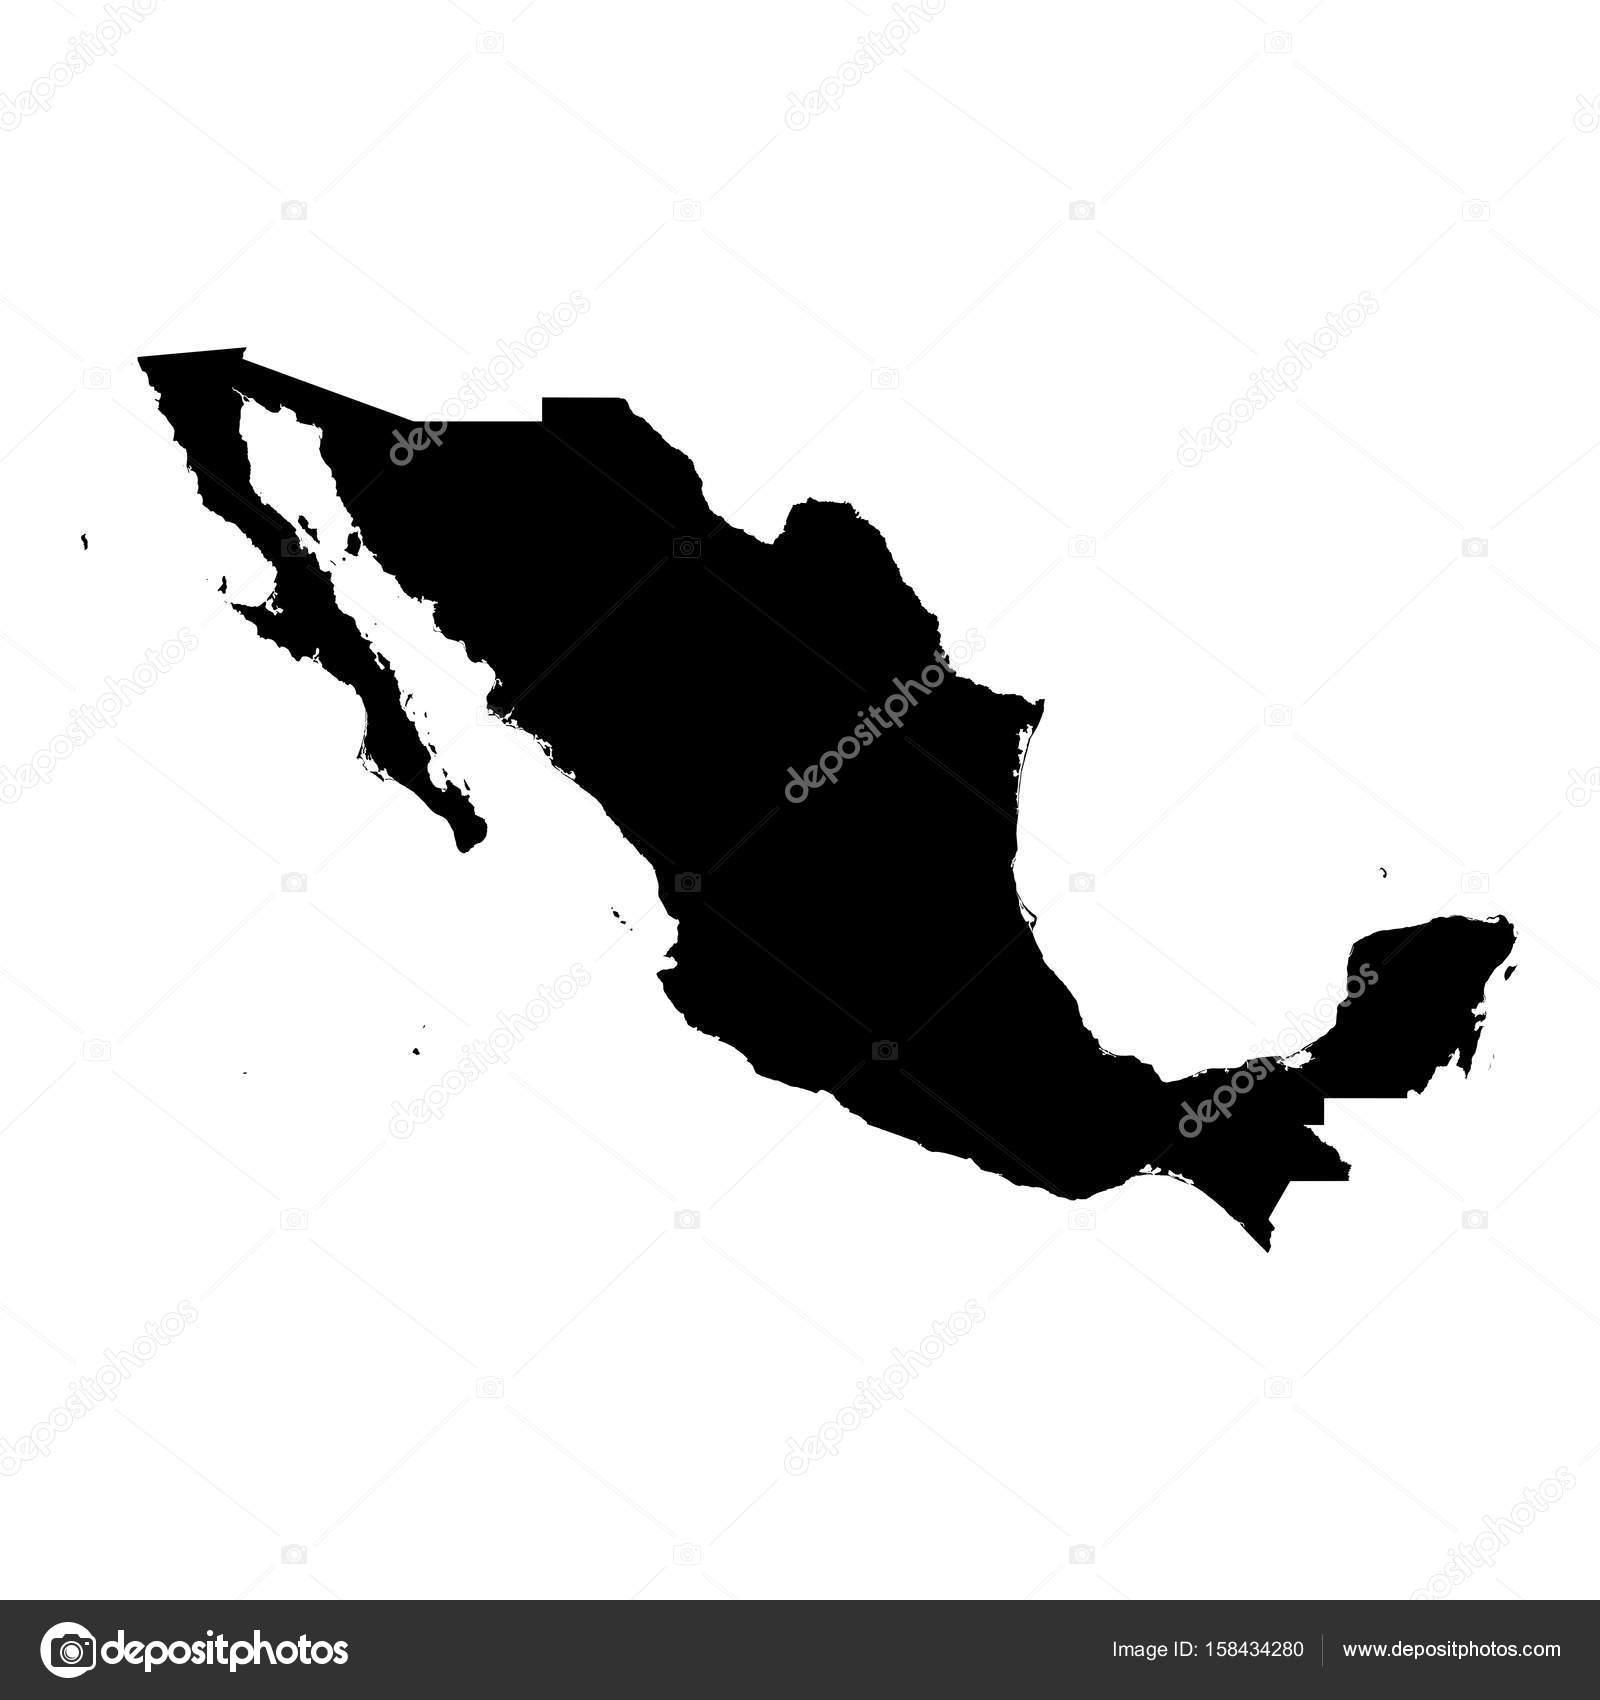 Mexiko Karte Umriss.Mexiko Schwarze Silhouette Karte Umriss Isolated On White